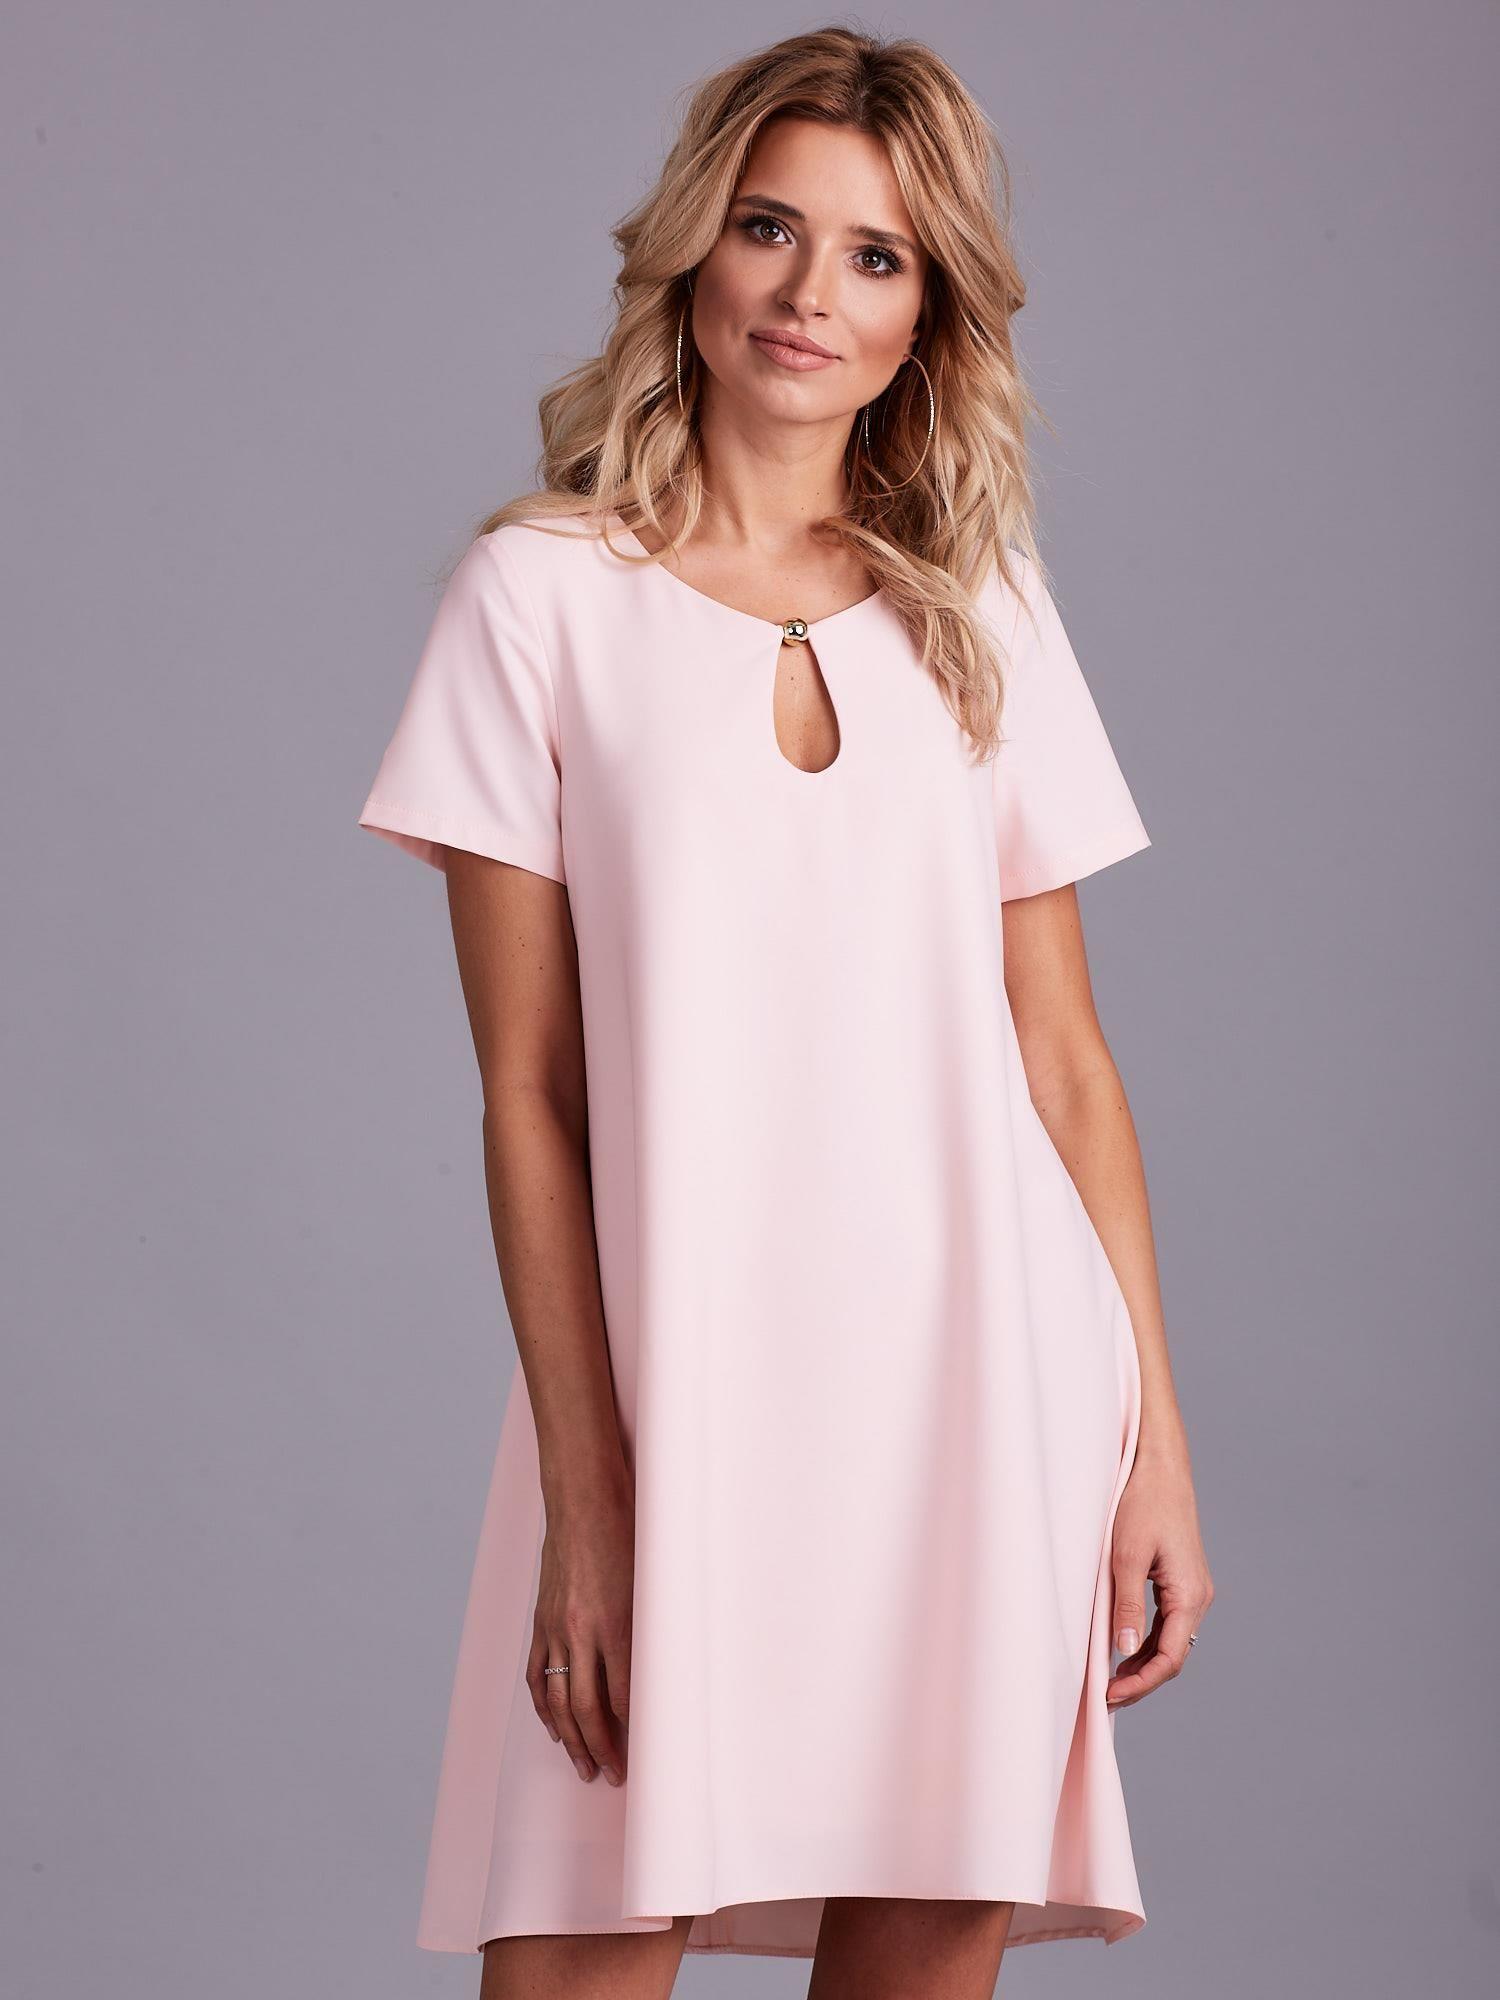 40c6656795 Jasnoróżowa luźna elegancka sukienka - Sukienka koktajlowa - sklep ...